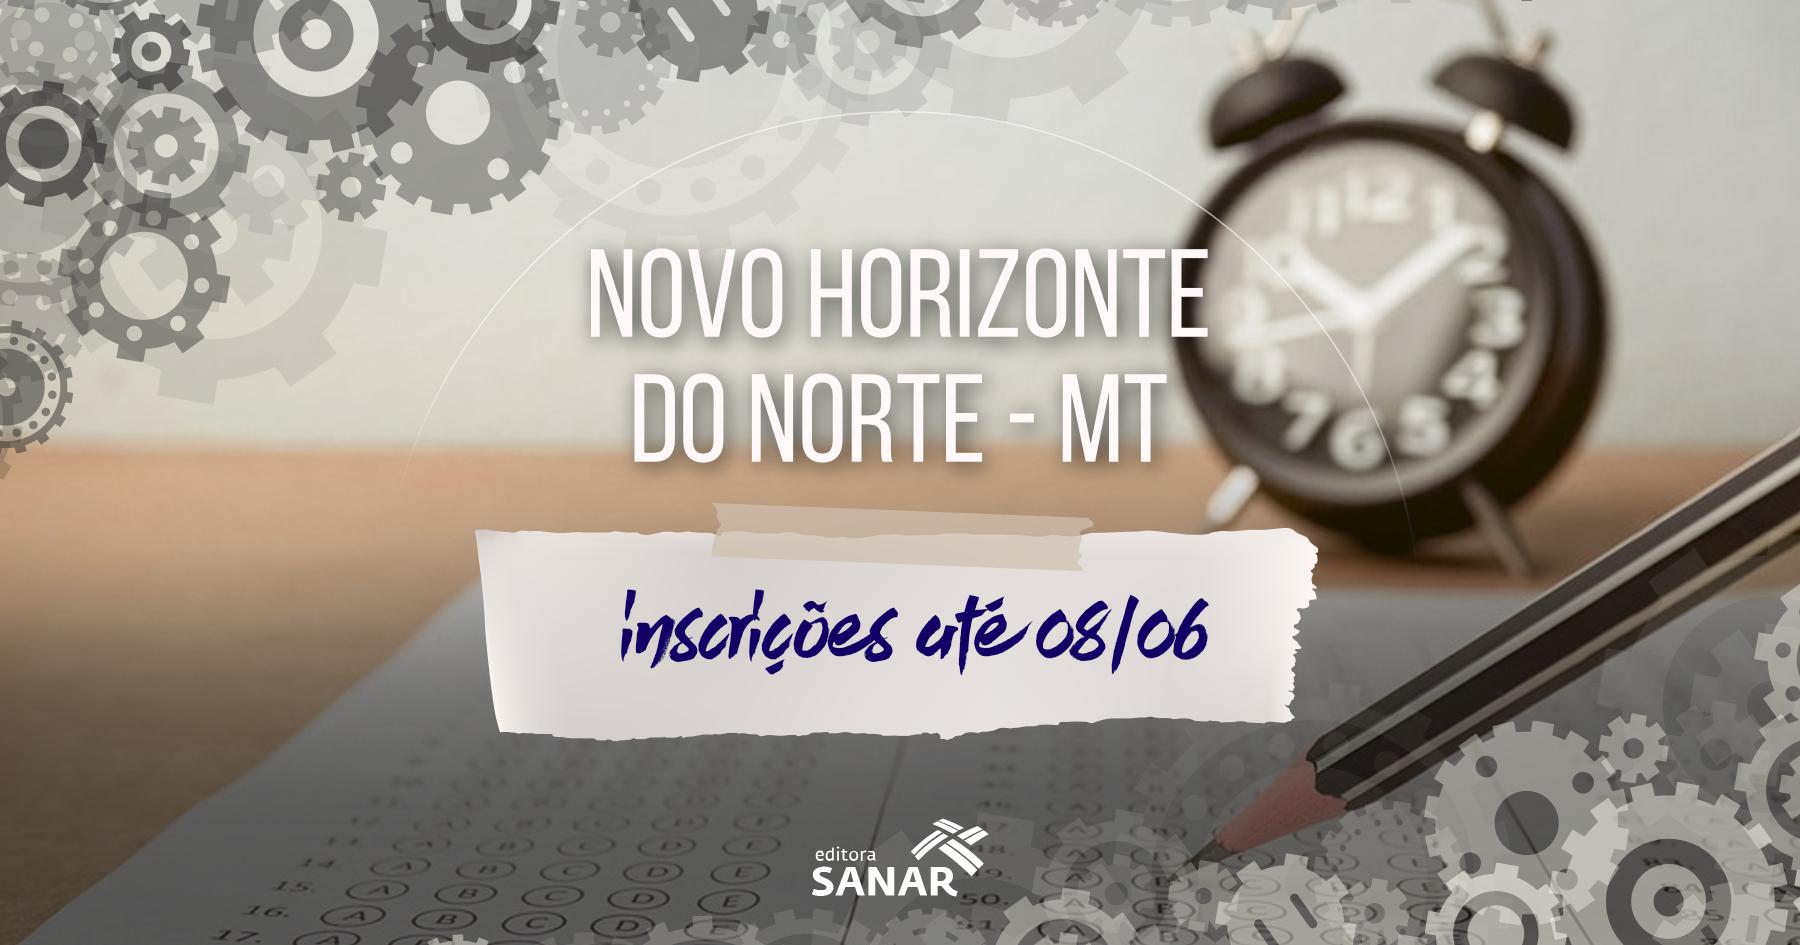 Processo Seletivo: Prefeitura de Novo Horizonte do Norte divulga edital